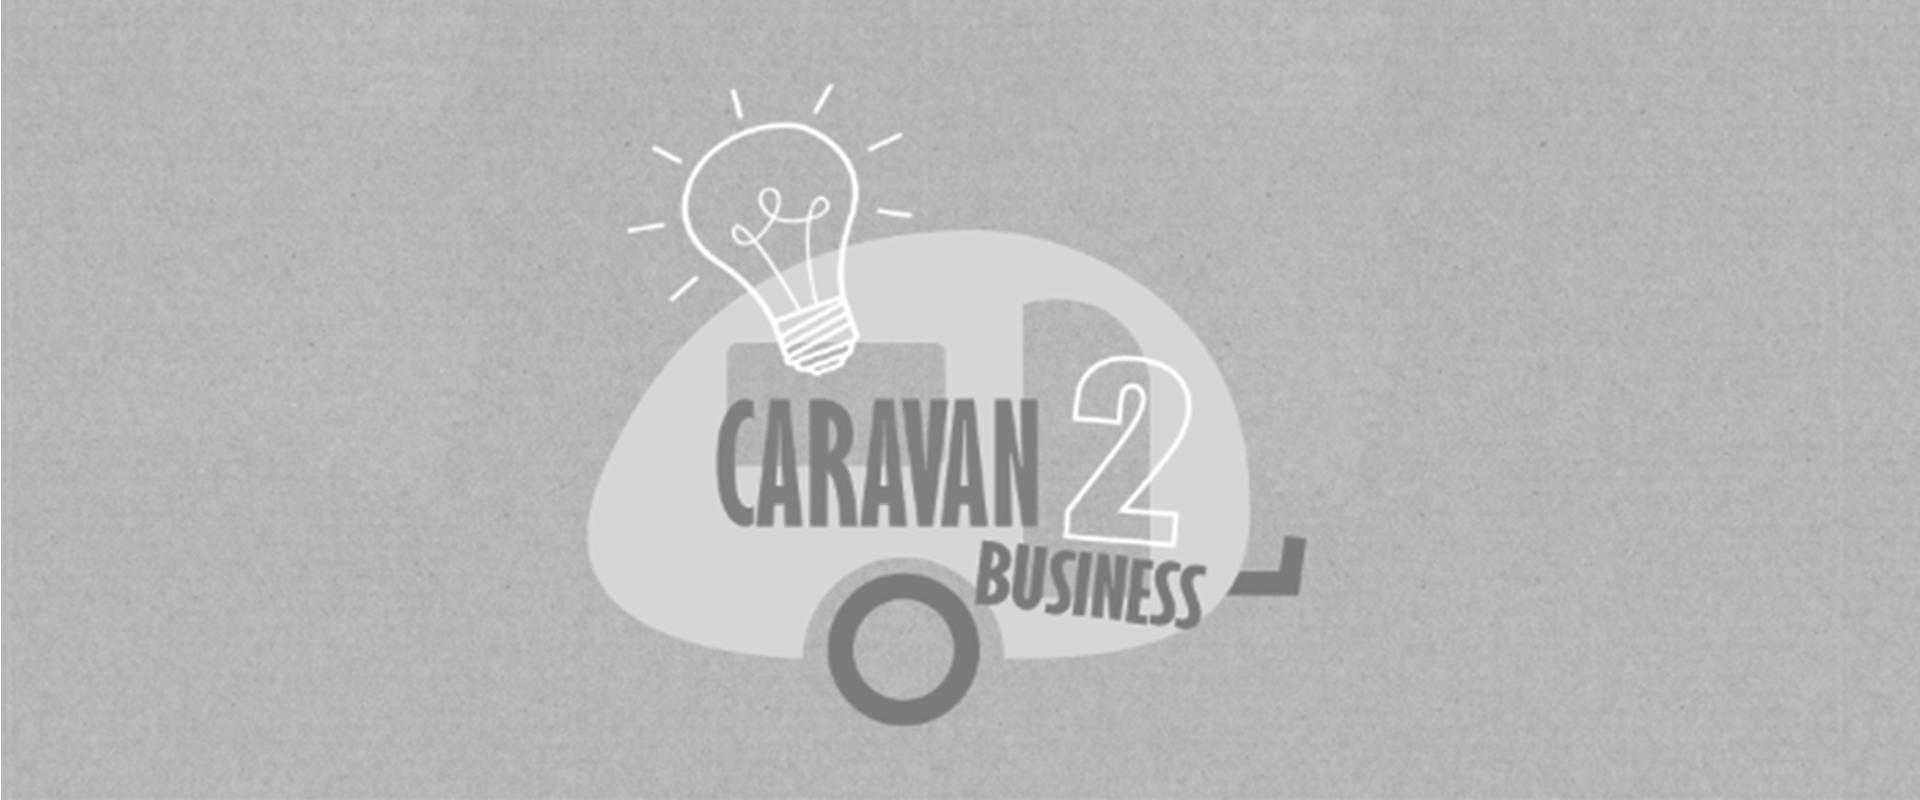 met Francis Caravan2Business Starten met Francis